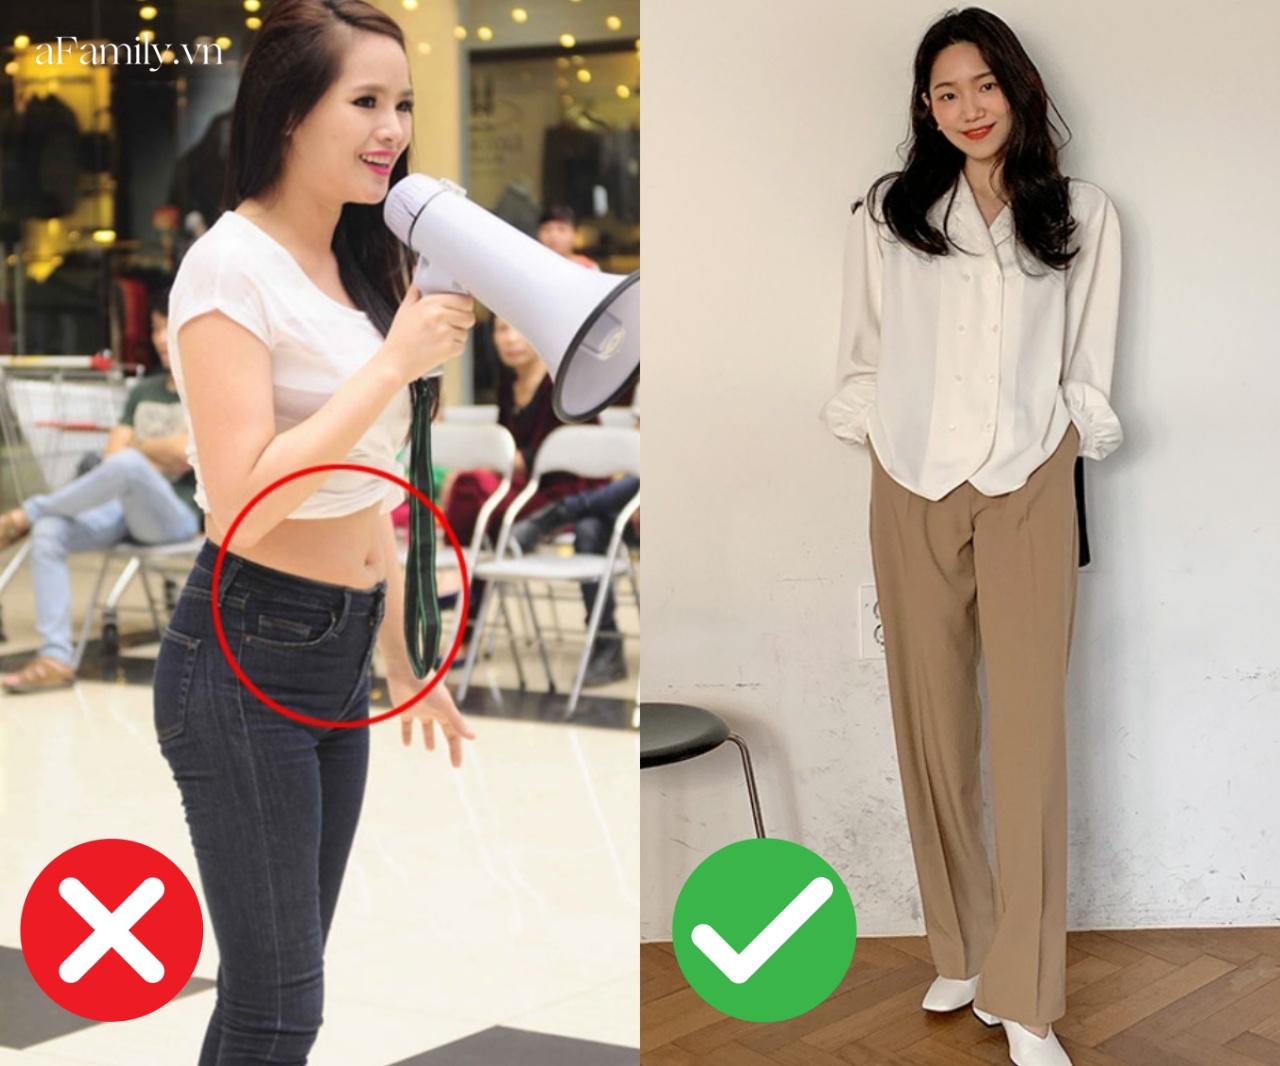 Nàng bụng béo cần tránh xa 5 item sau nếu không muốn style suốt ngày kém đẹp vì lộ nhược điểm - Ảnh 3.